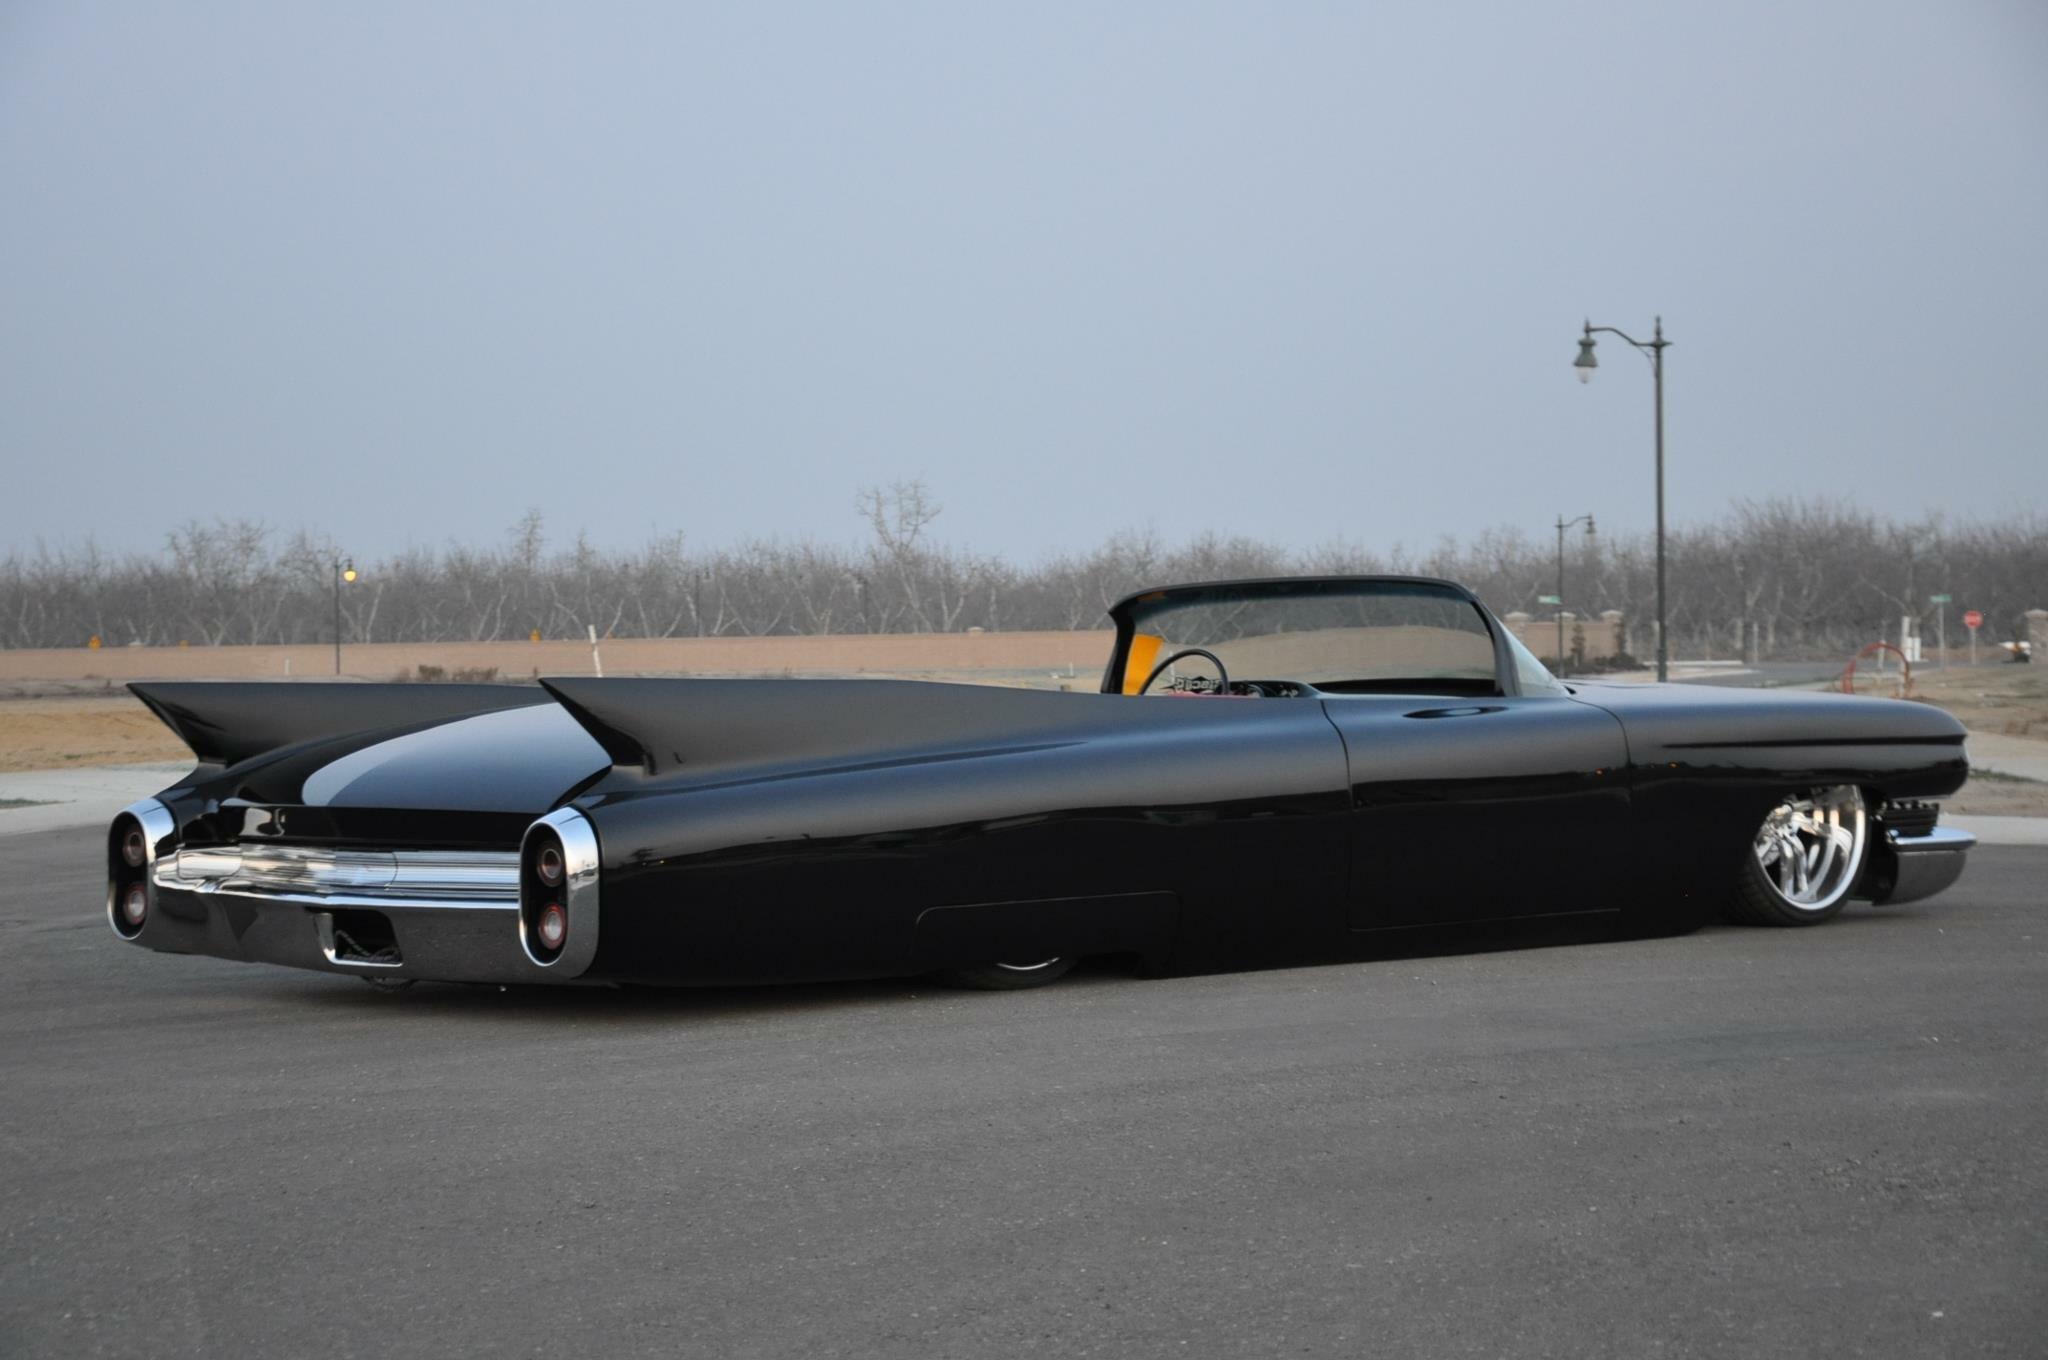 Severed Ties 1960 Cadillac Cruella Deville Justin Carrillo